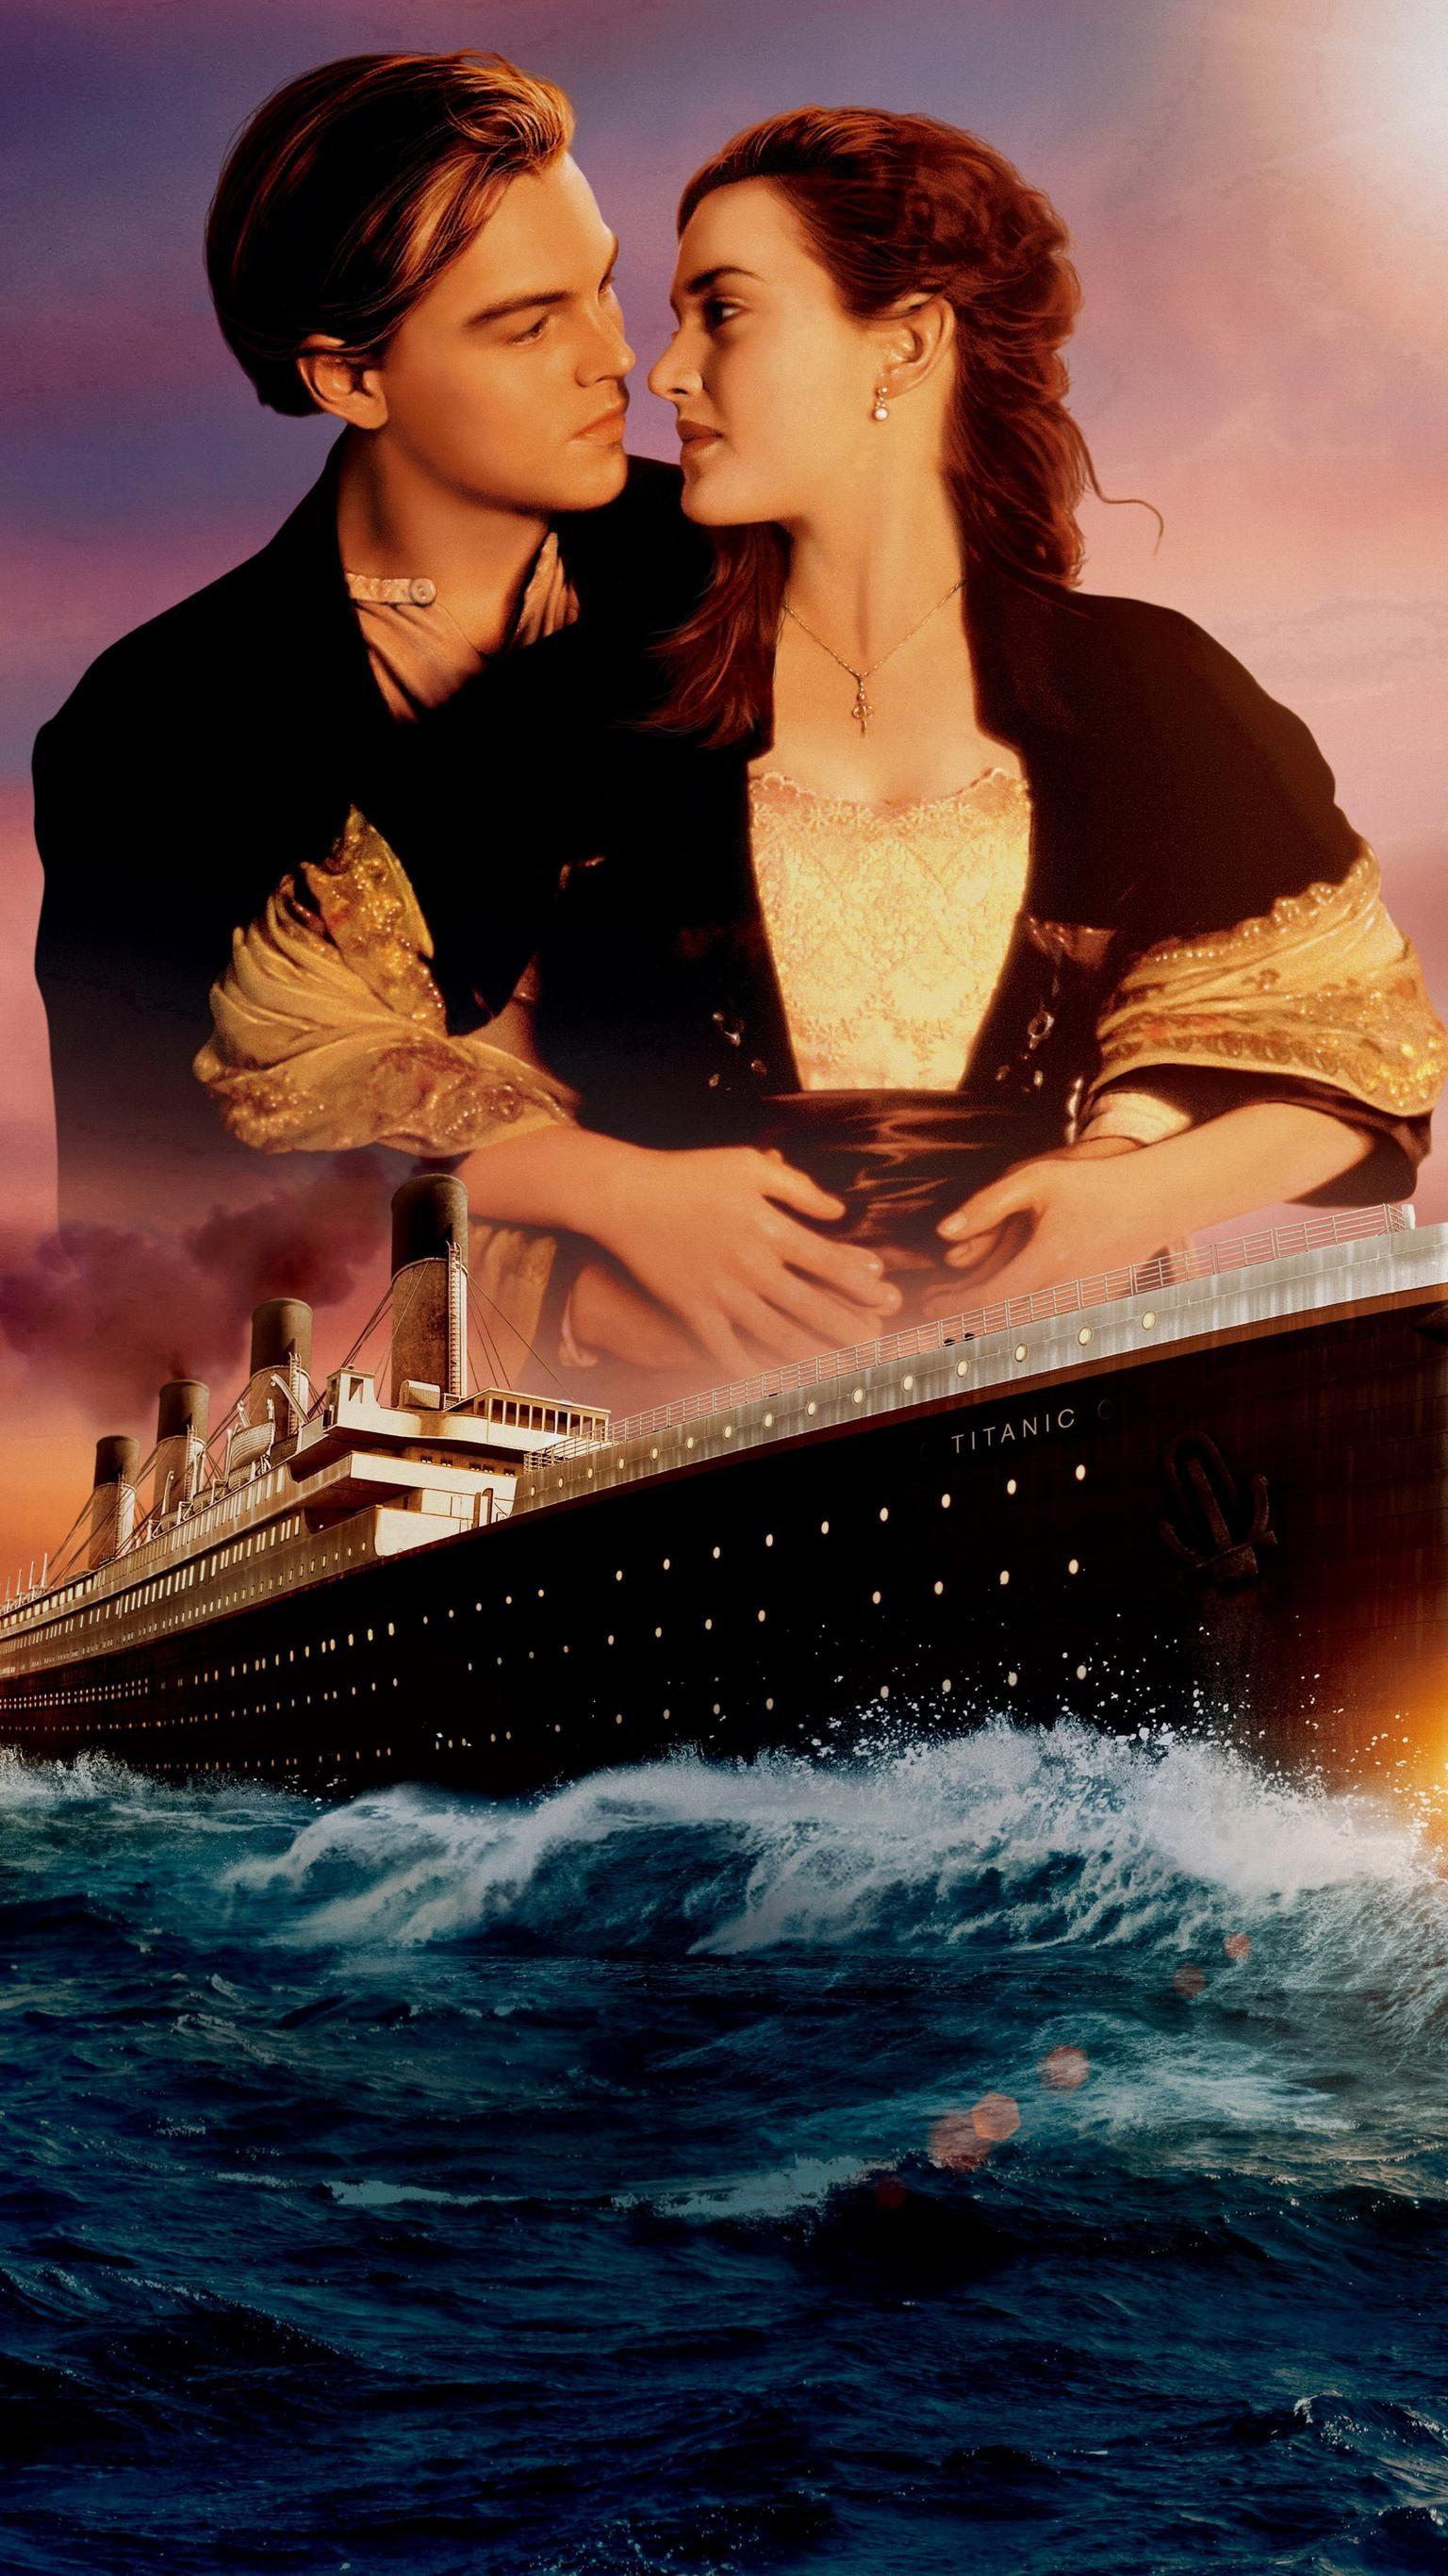 Titanic 1997 Phone Wallpaper In 2019 Movie Titanic Movie